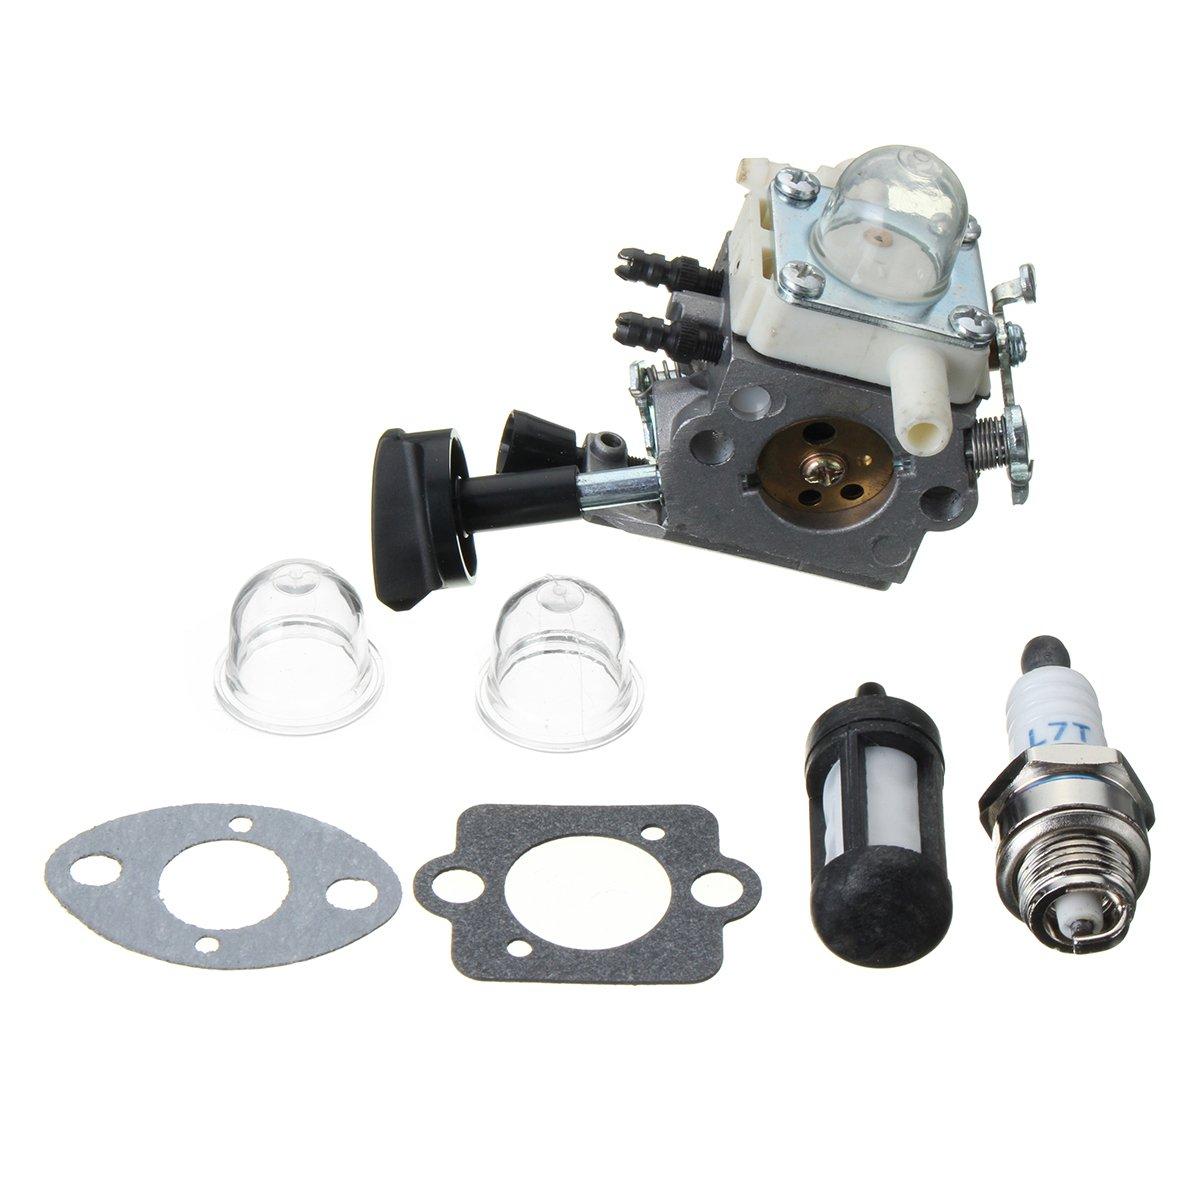 Alamor Carburador para Stihl Bg86 Sh56 Sh56C Sh86 Sh86C Carb ...